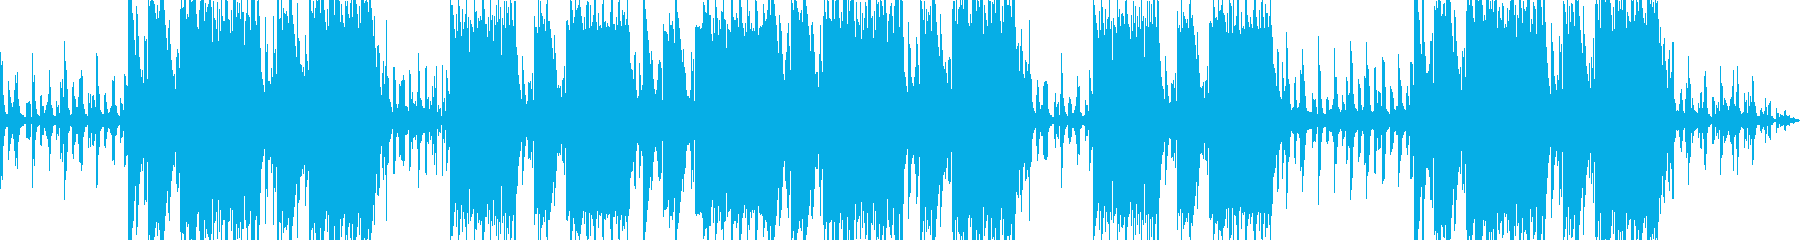 切なく哀愁漂うエモトラップサウンドの再生済みの波形